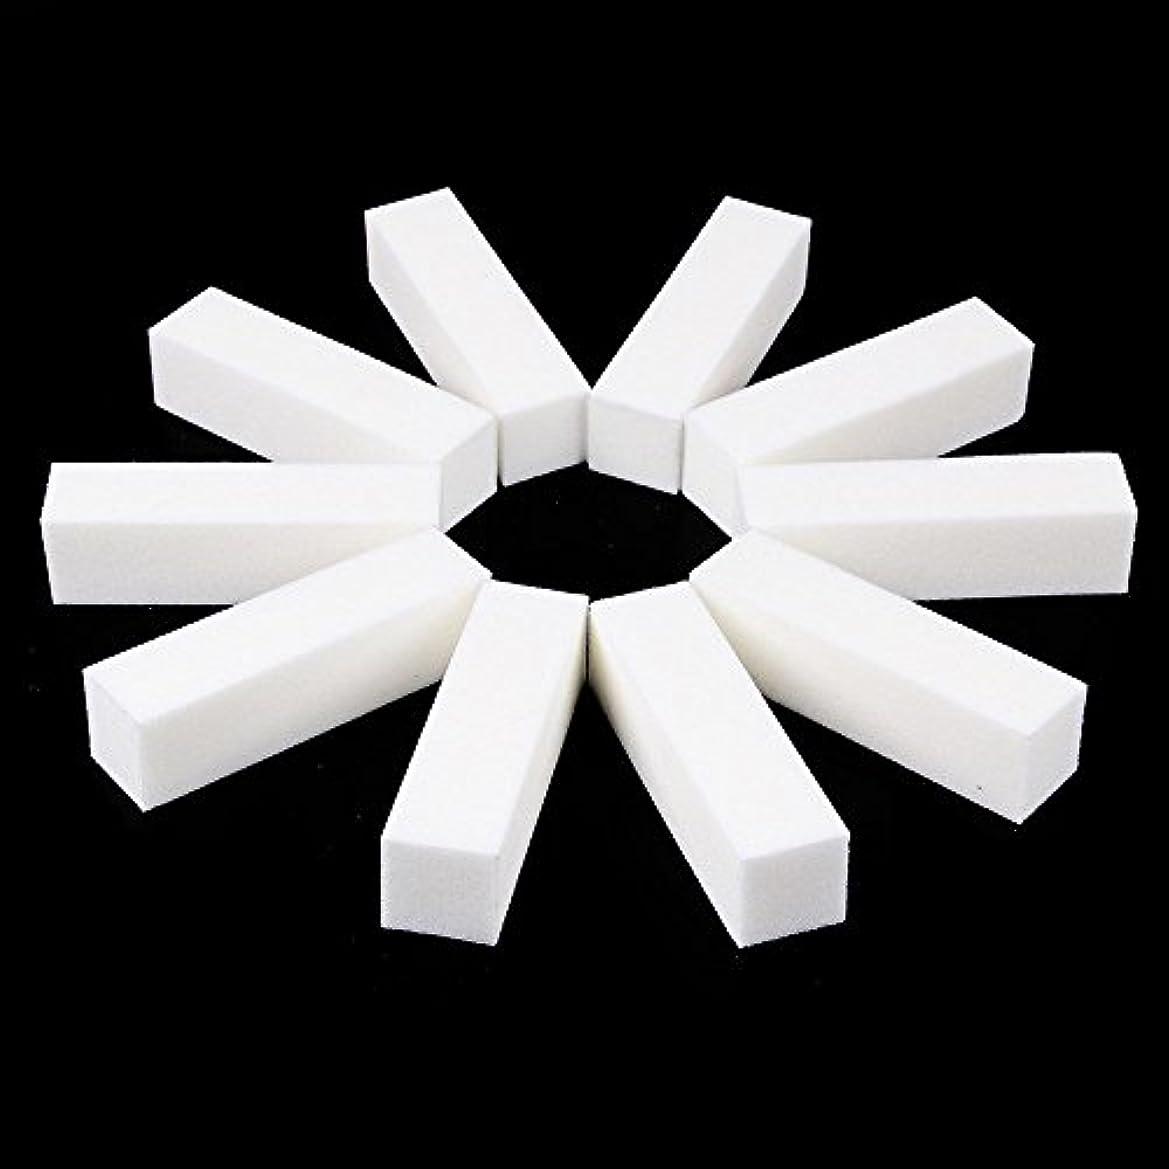 北西社会学シャークネイルファイル サンディングブロック マニキュアツール バッファ ホワイト 4ウェイ 12個セット